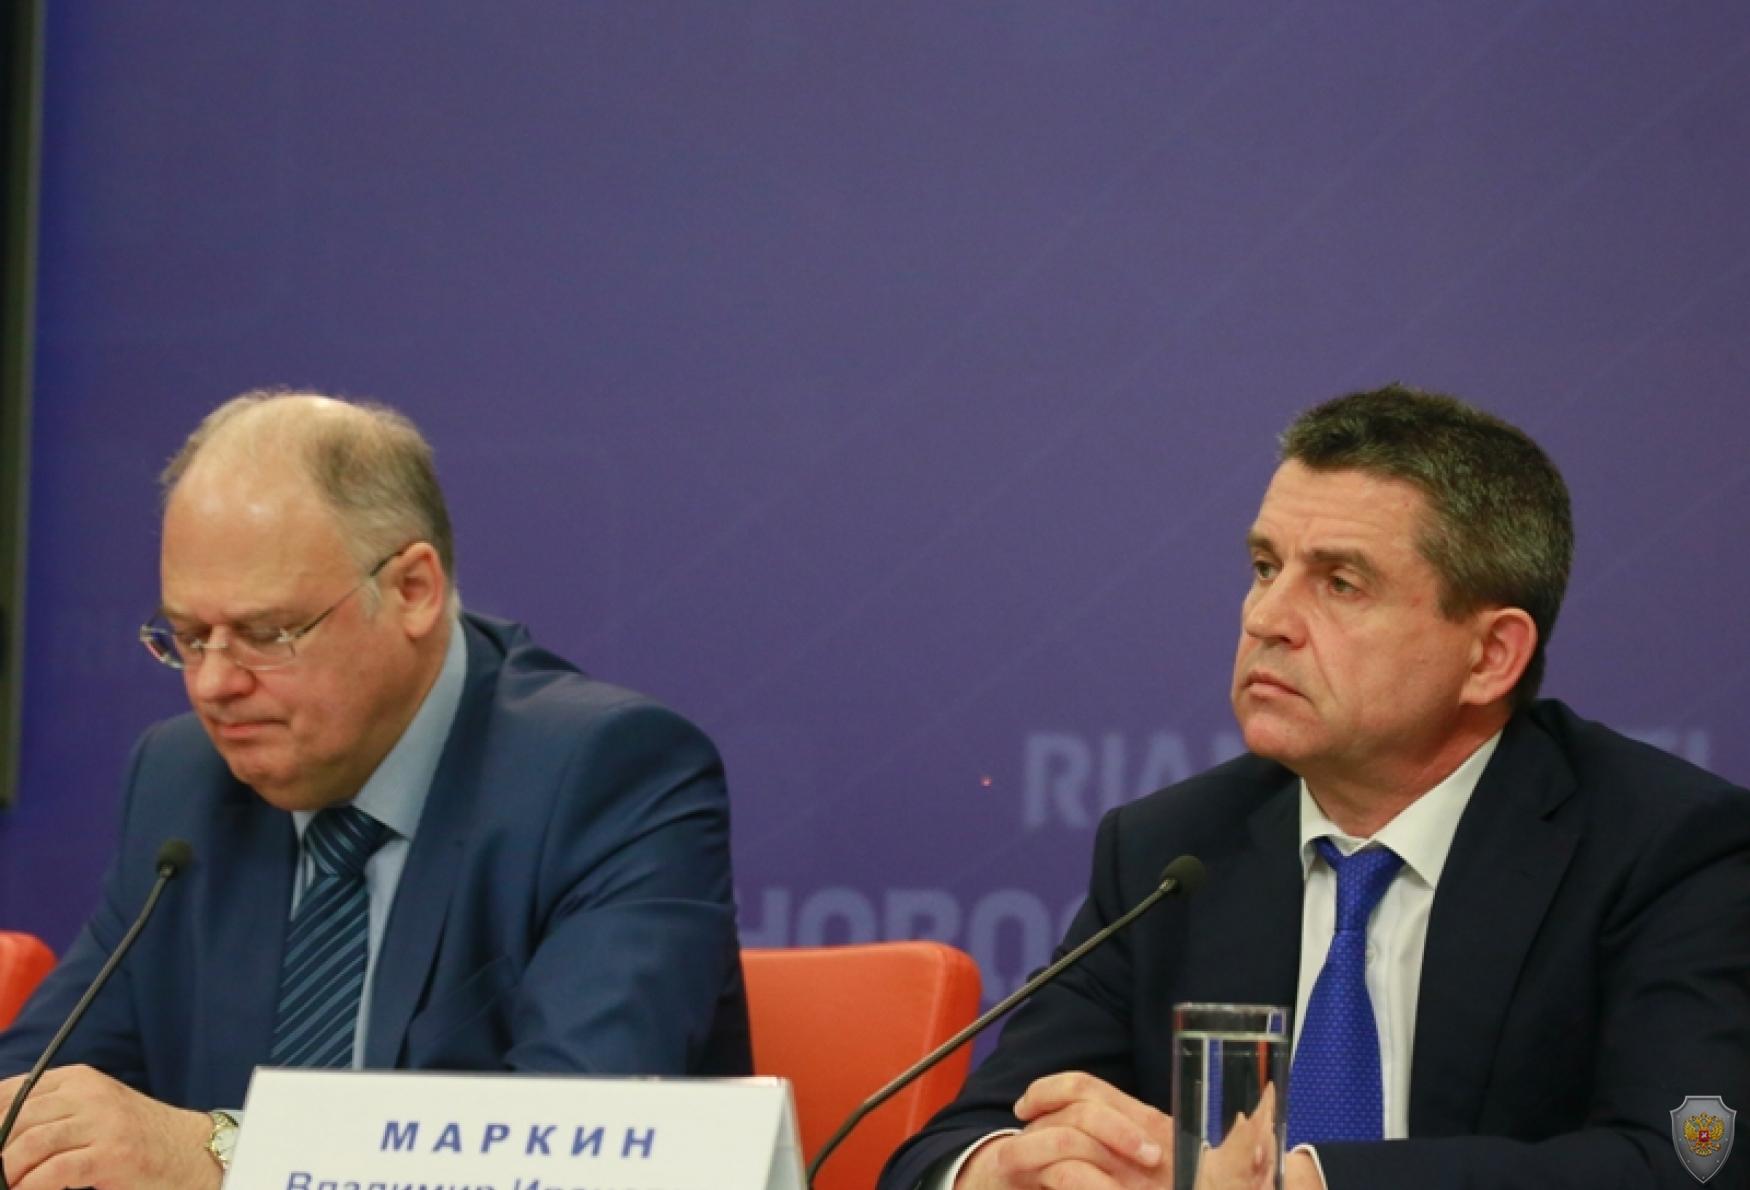 В международном информационном агентстве «Россия сегодня» прошла пресс-конференция «Анонимные угрозы совершения терактов: тенденции и ответственность»